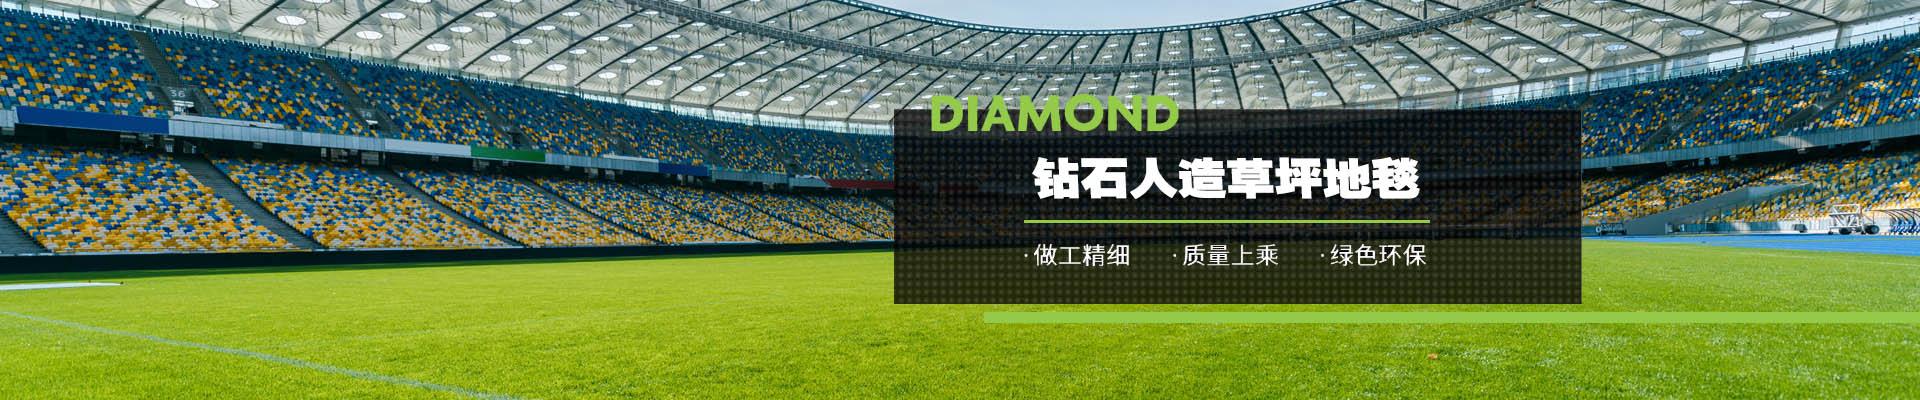 新网站banner草坪4